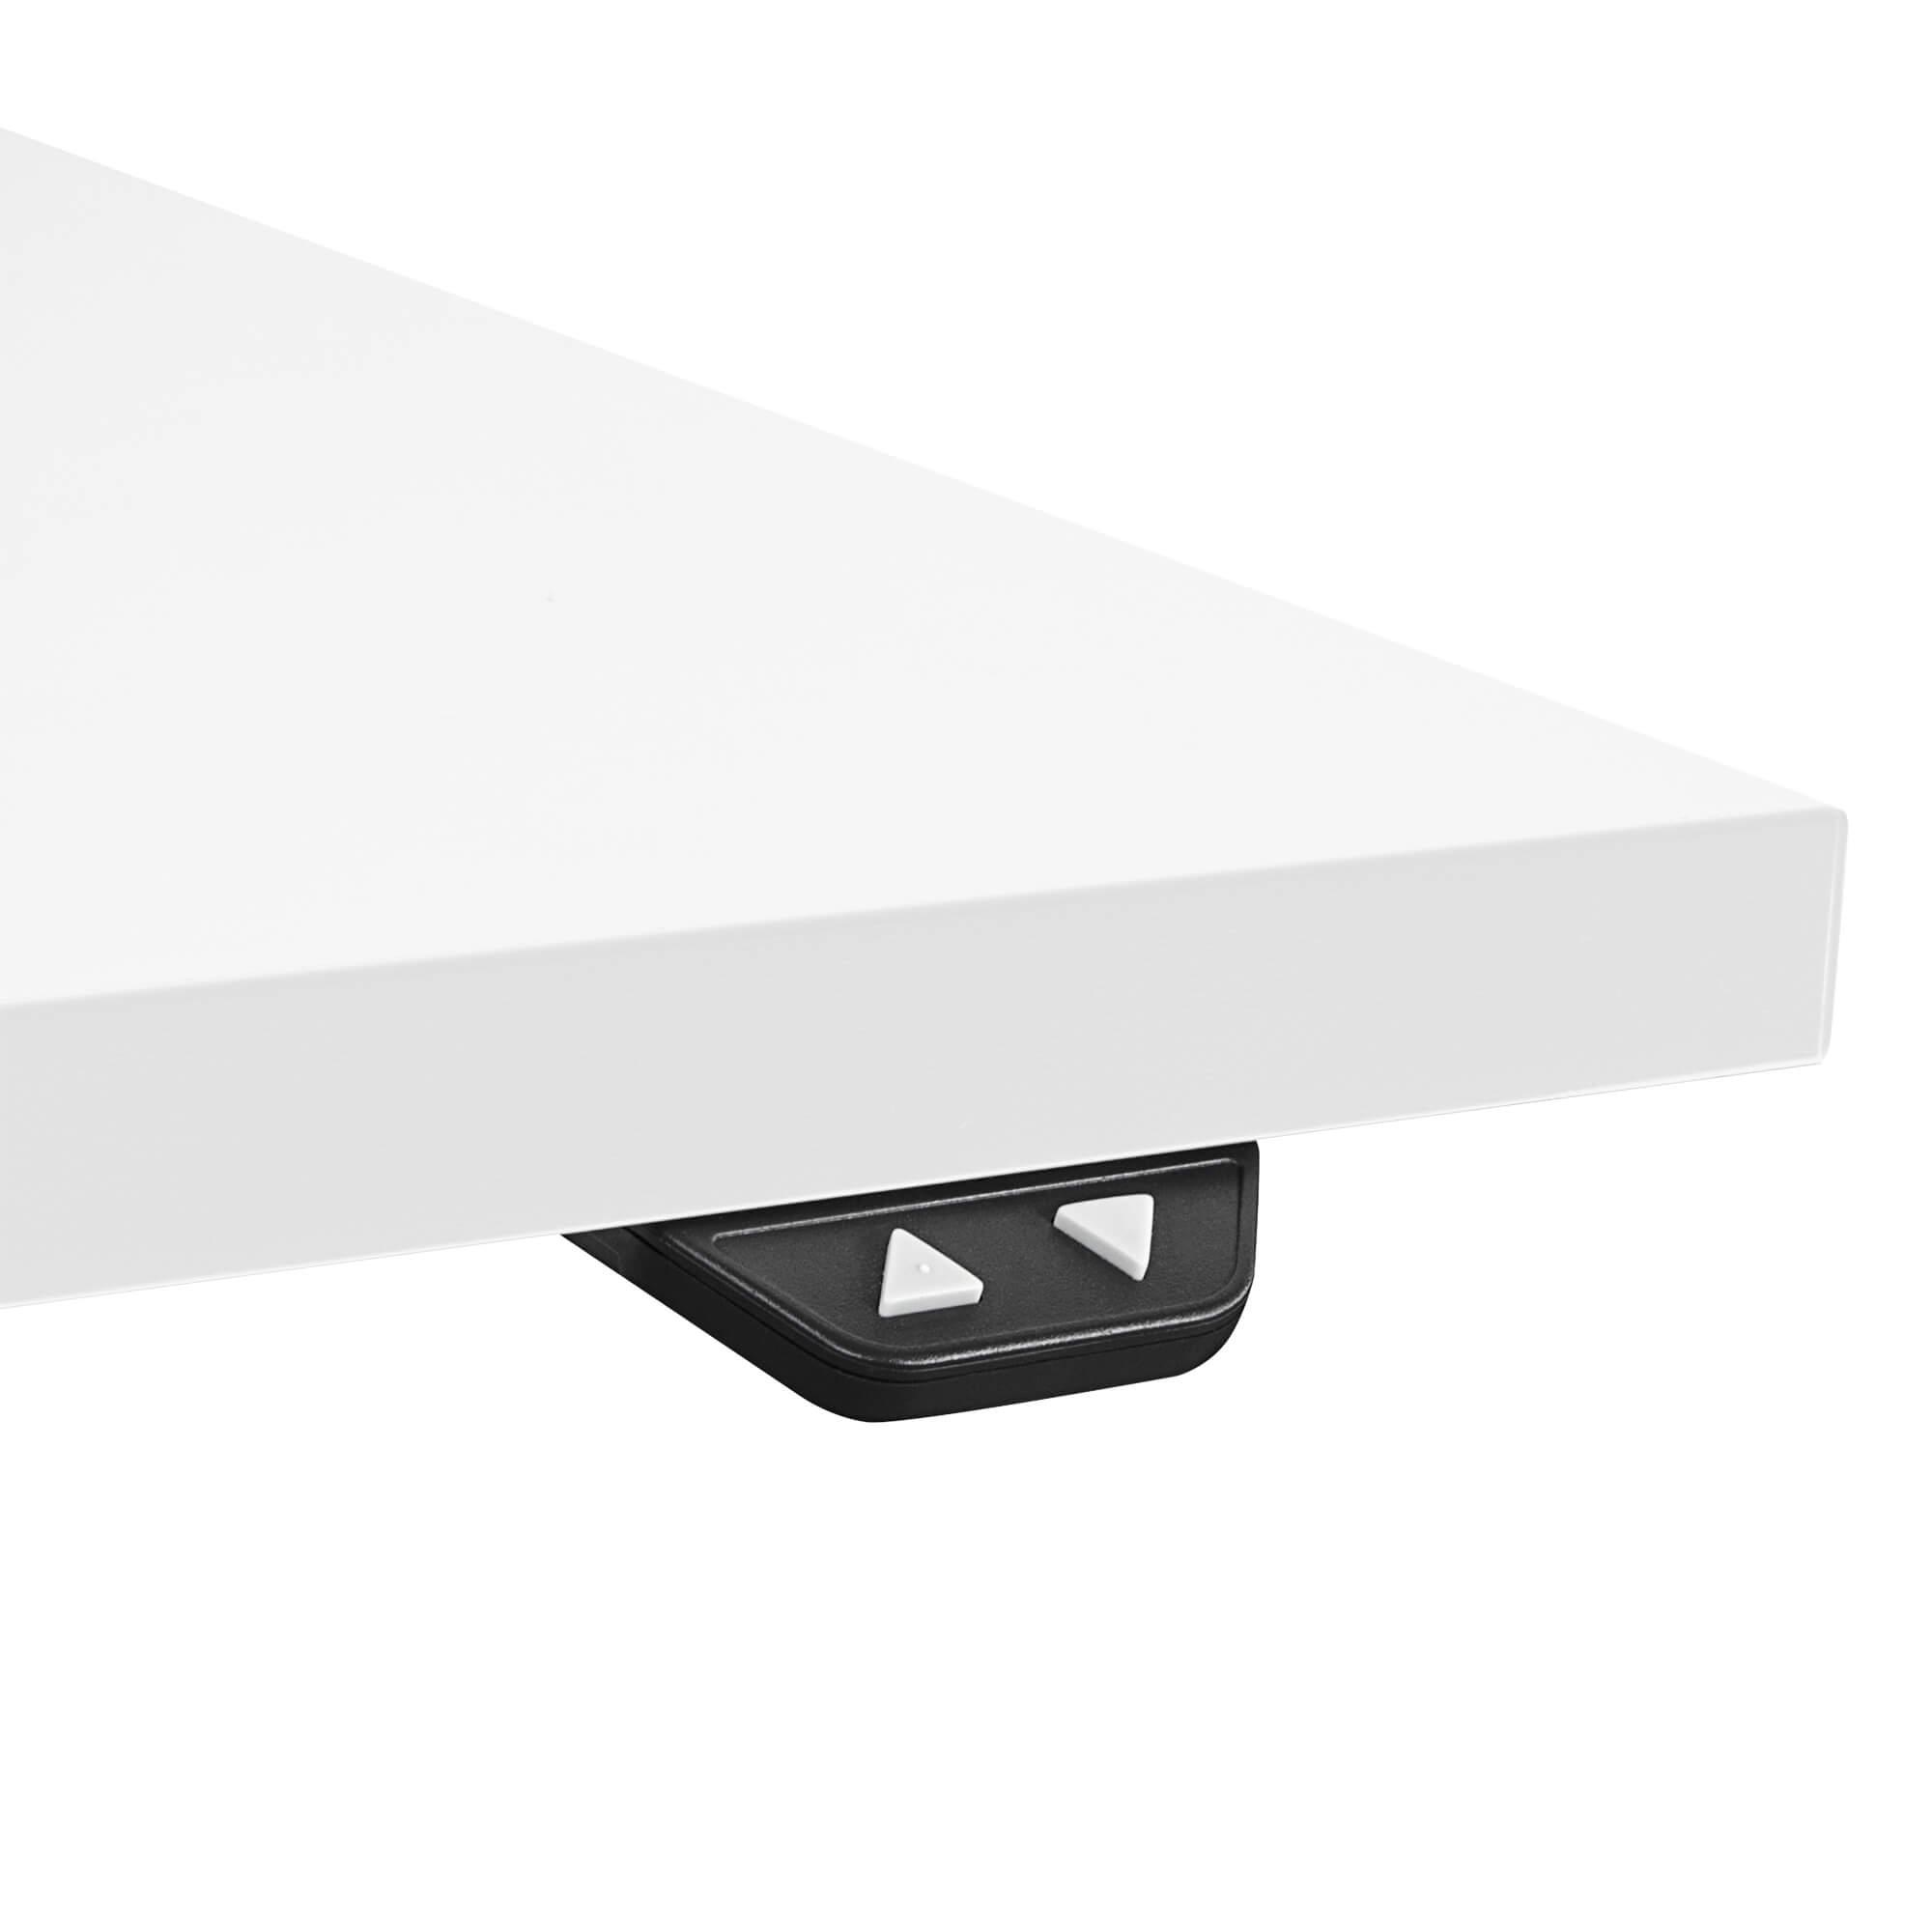 PROFI elektrisch höhenverstellbar Schreibtisch EASY 180x80cm Motortisch LINAK